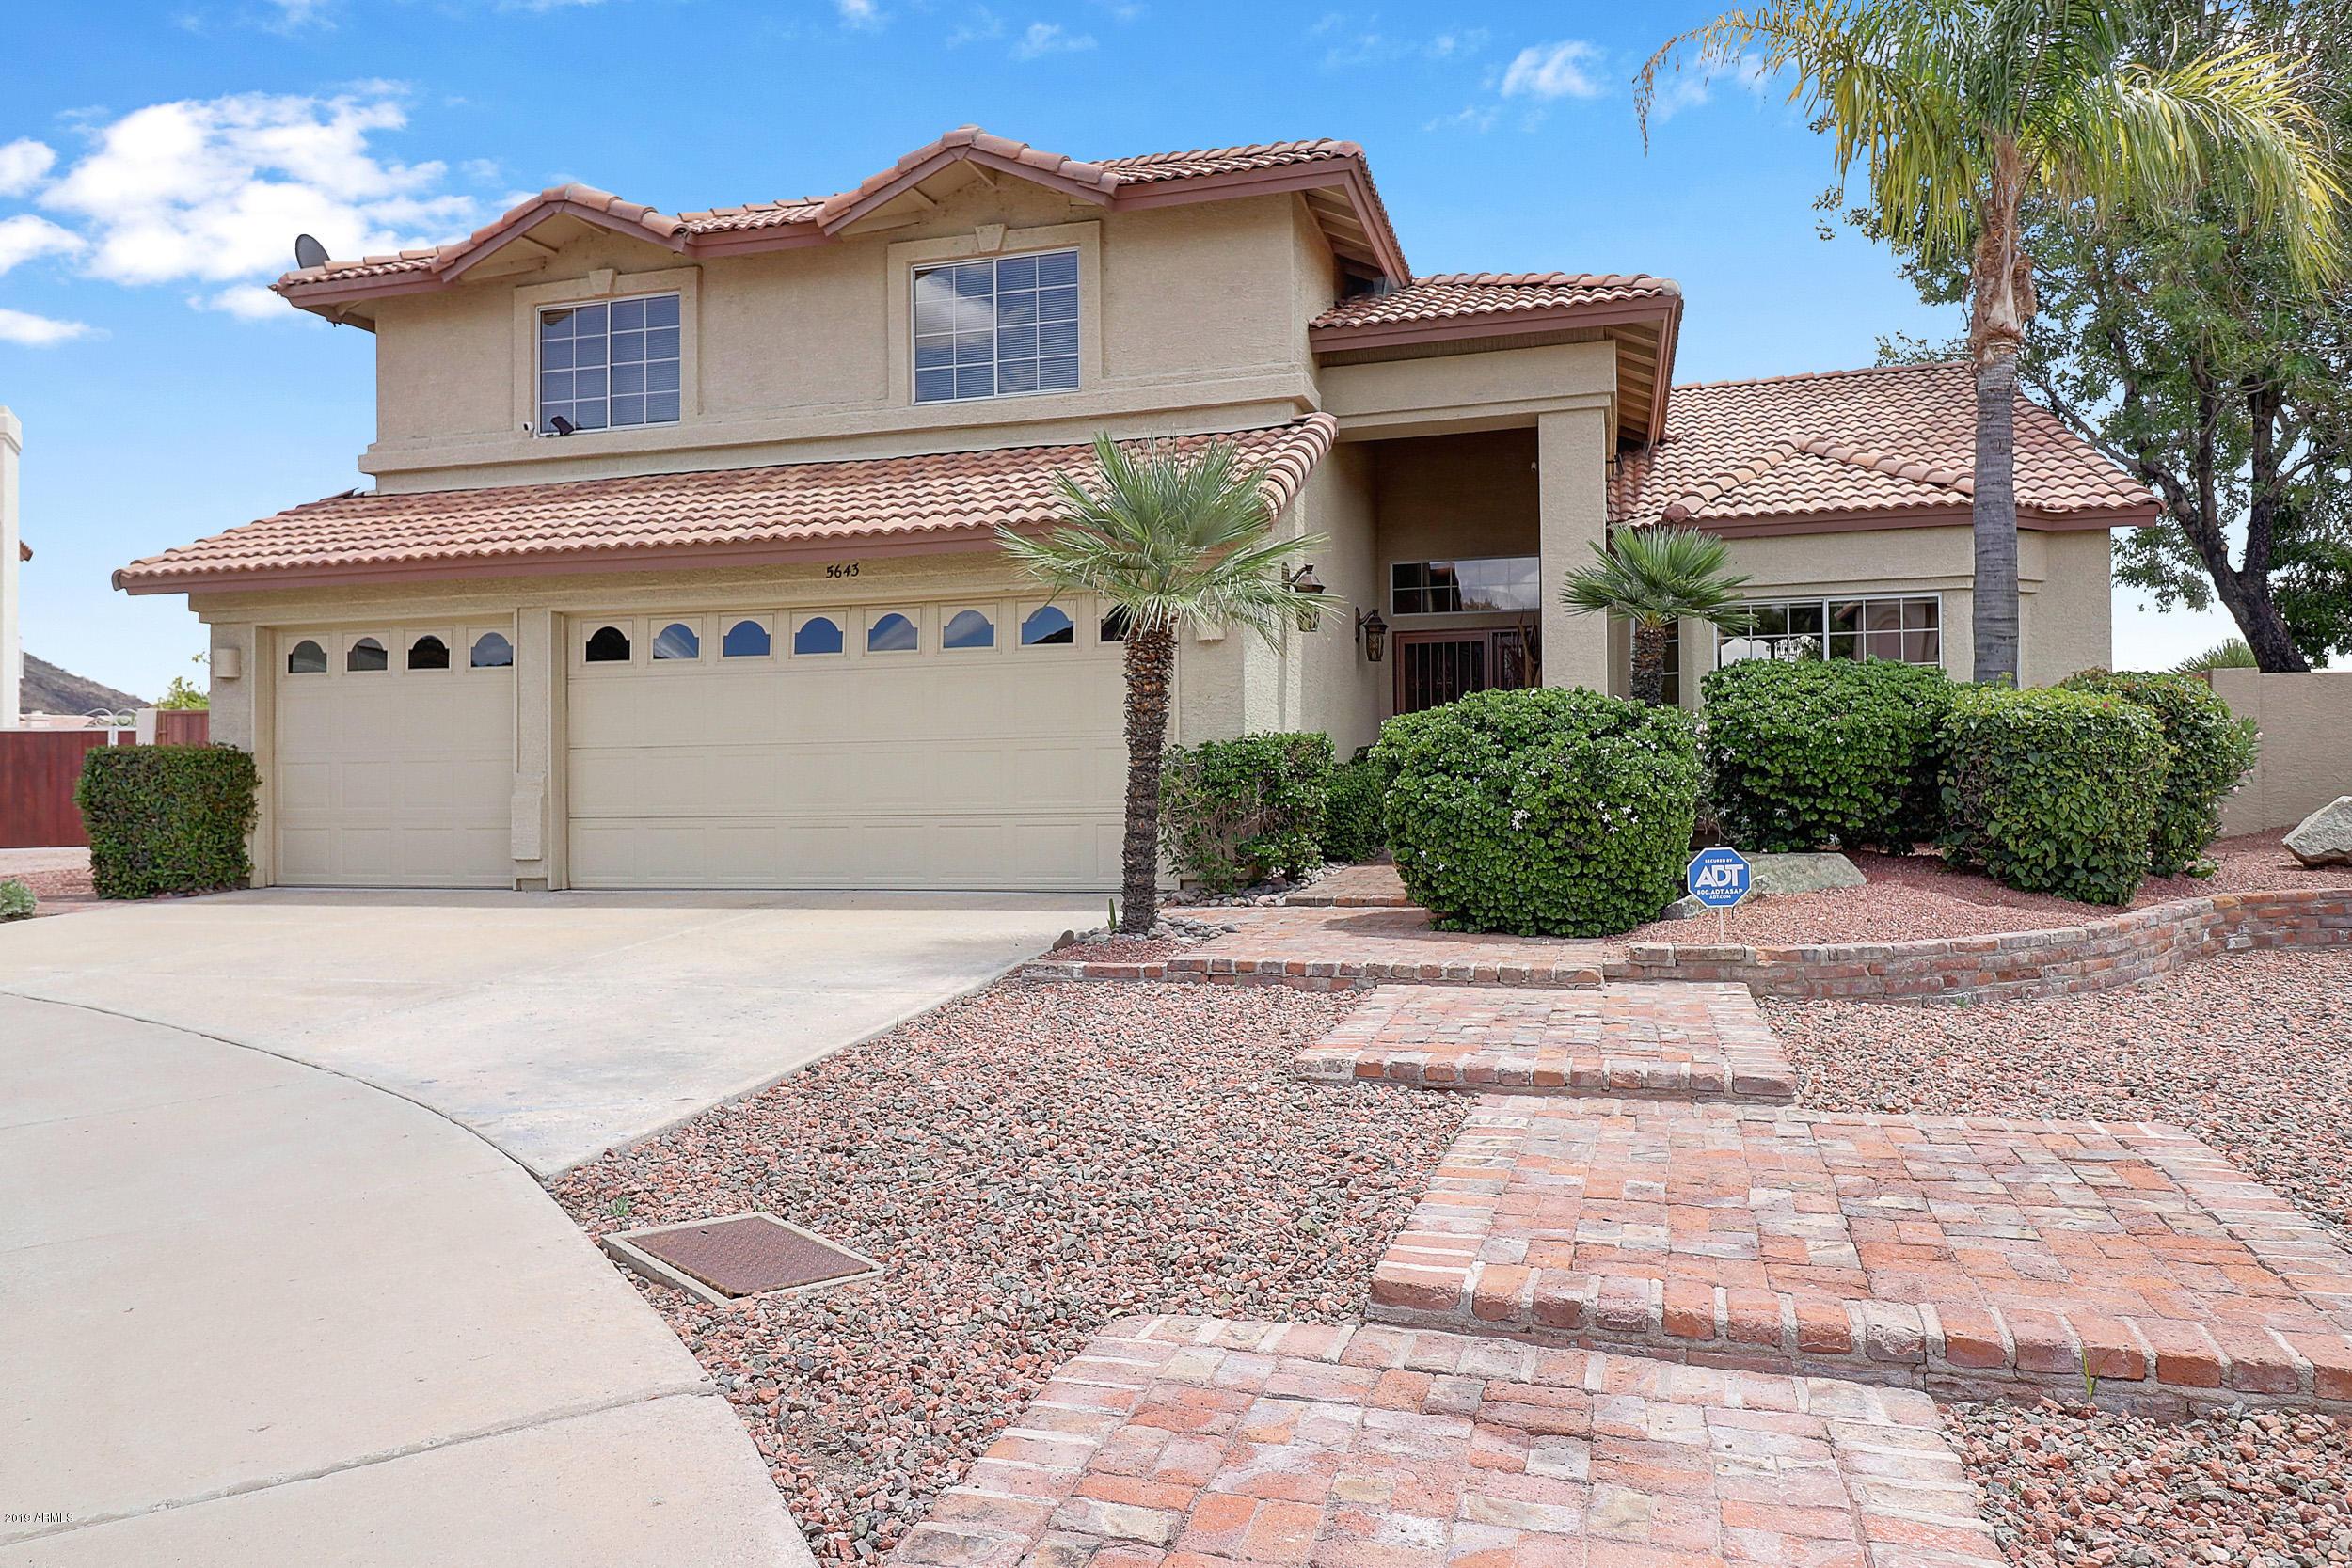 Photo of 5643 W ABRAHAM Lane, Glendale, AZ 85308